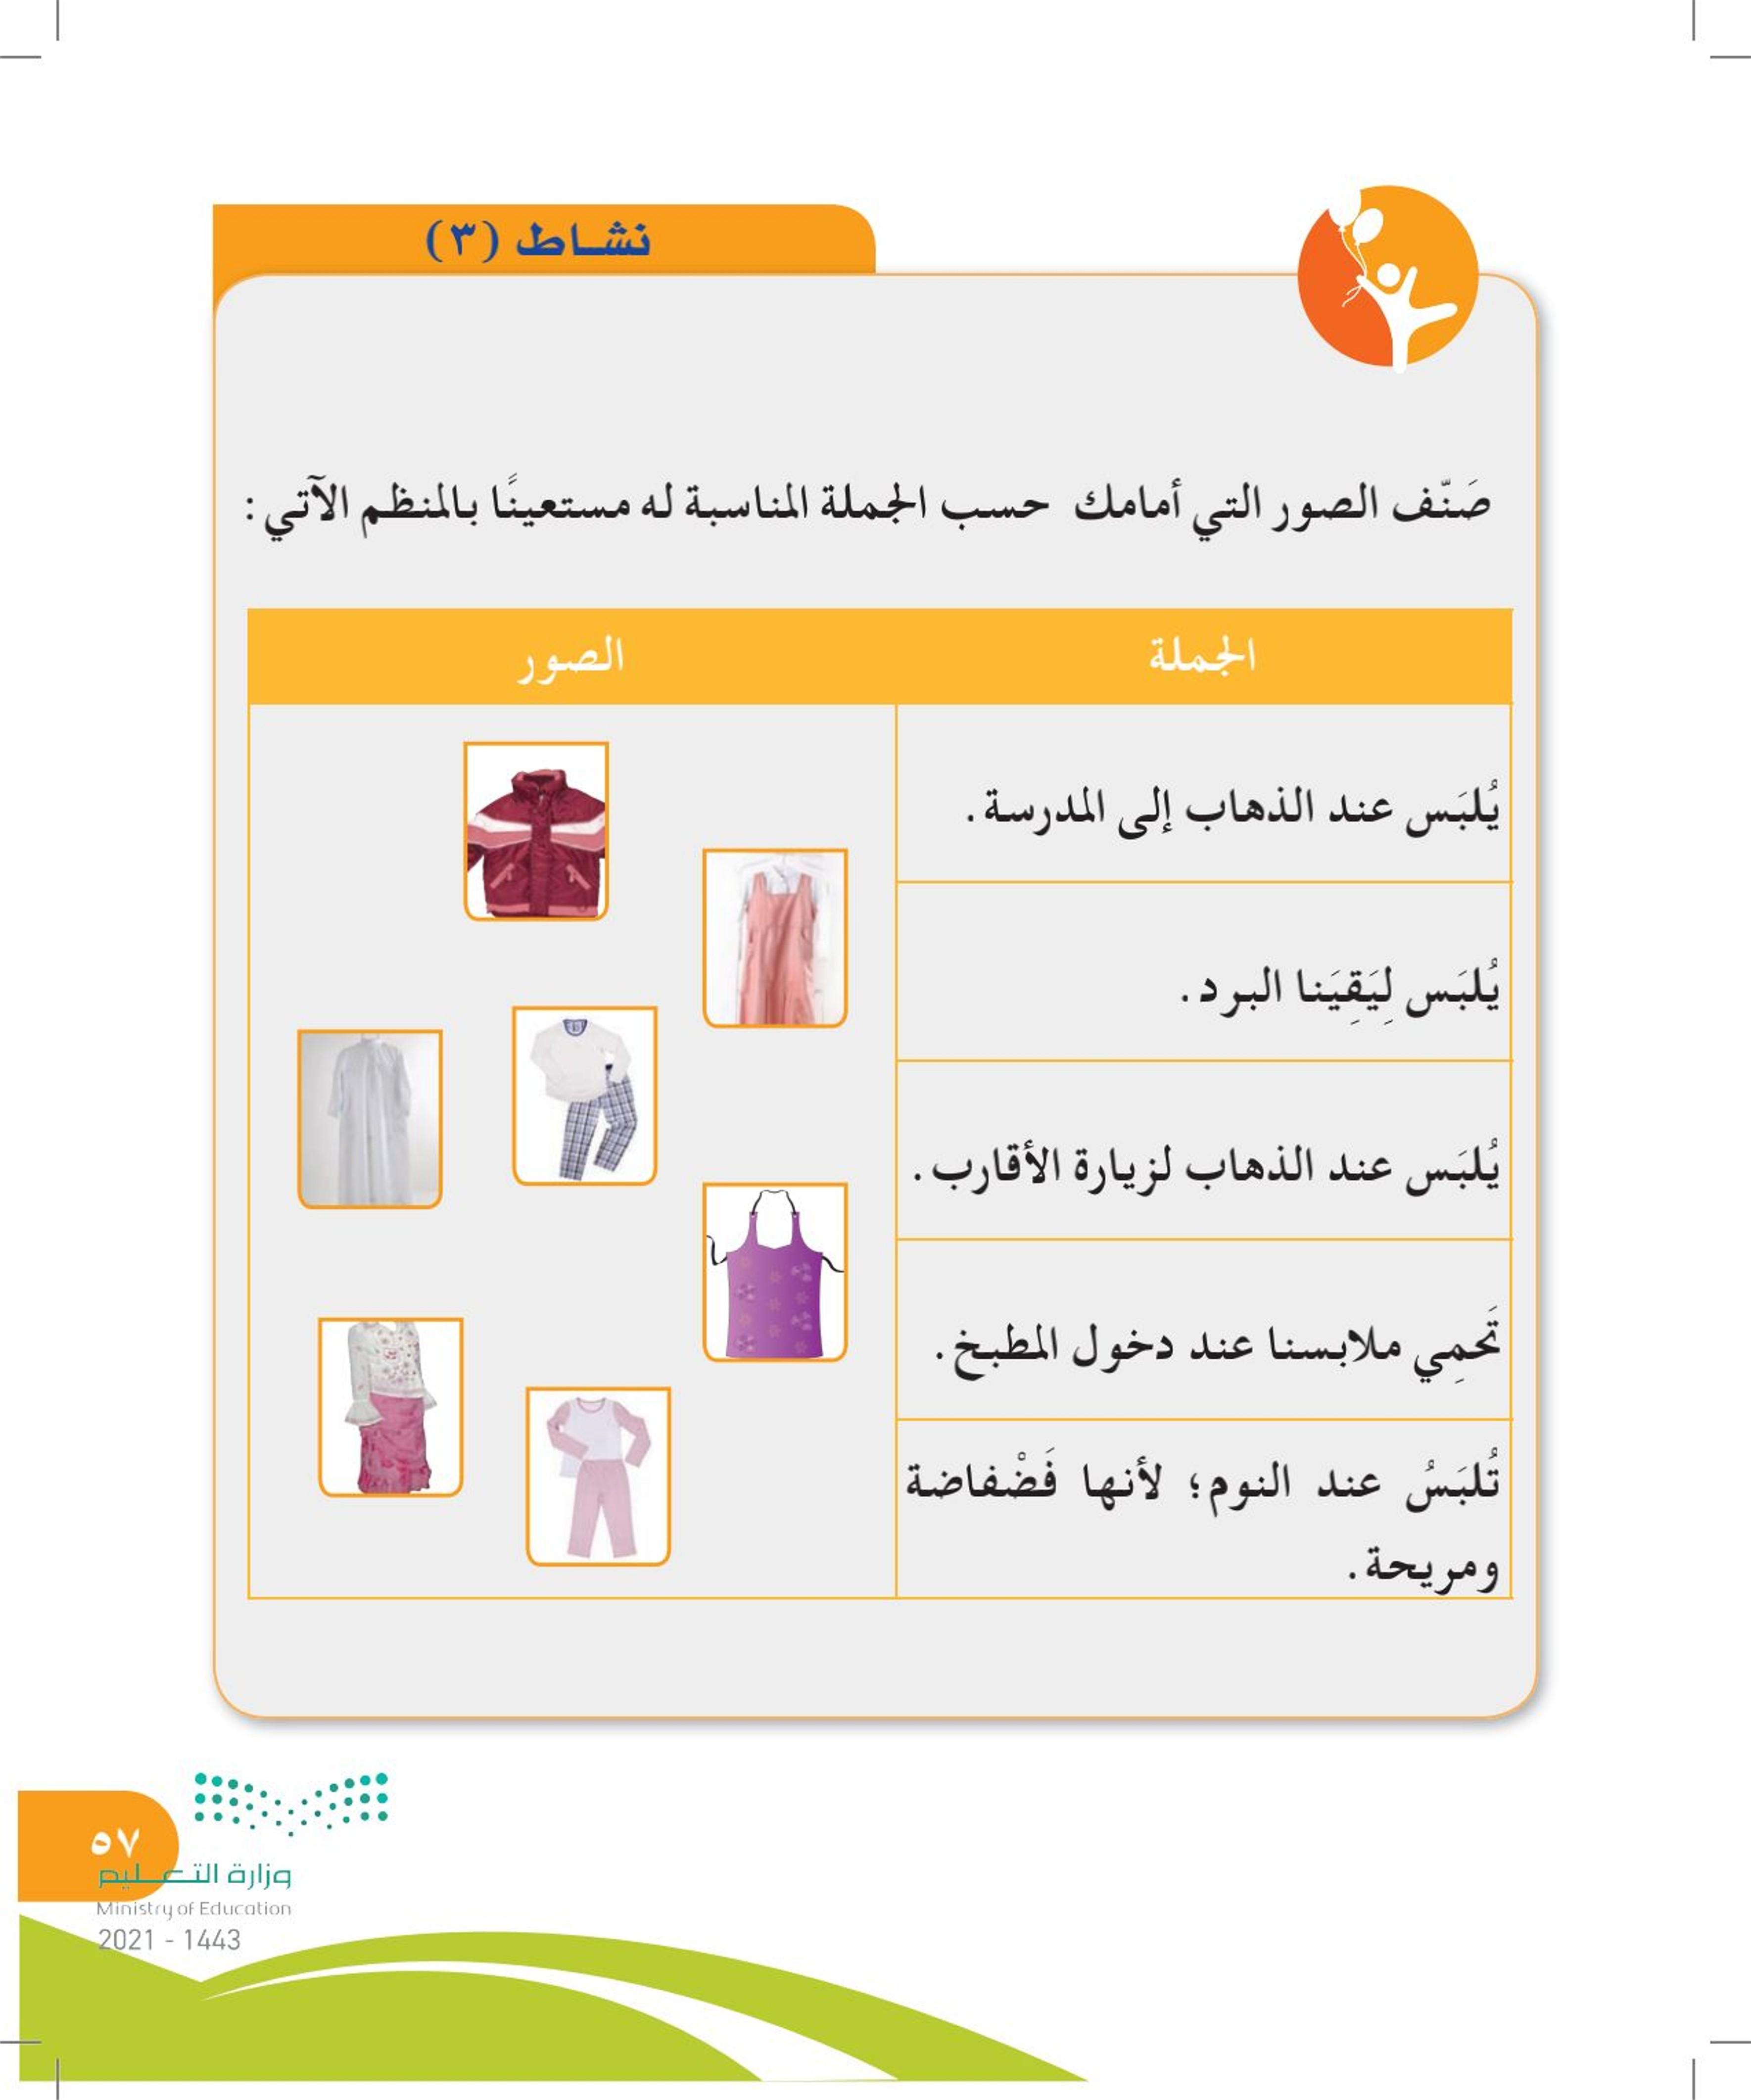 الملابس المدرسية والملابس الداخلية